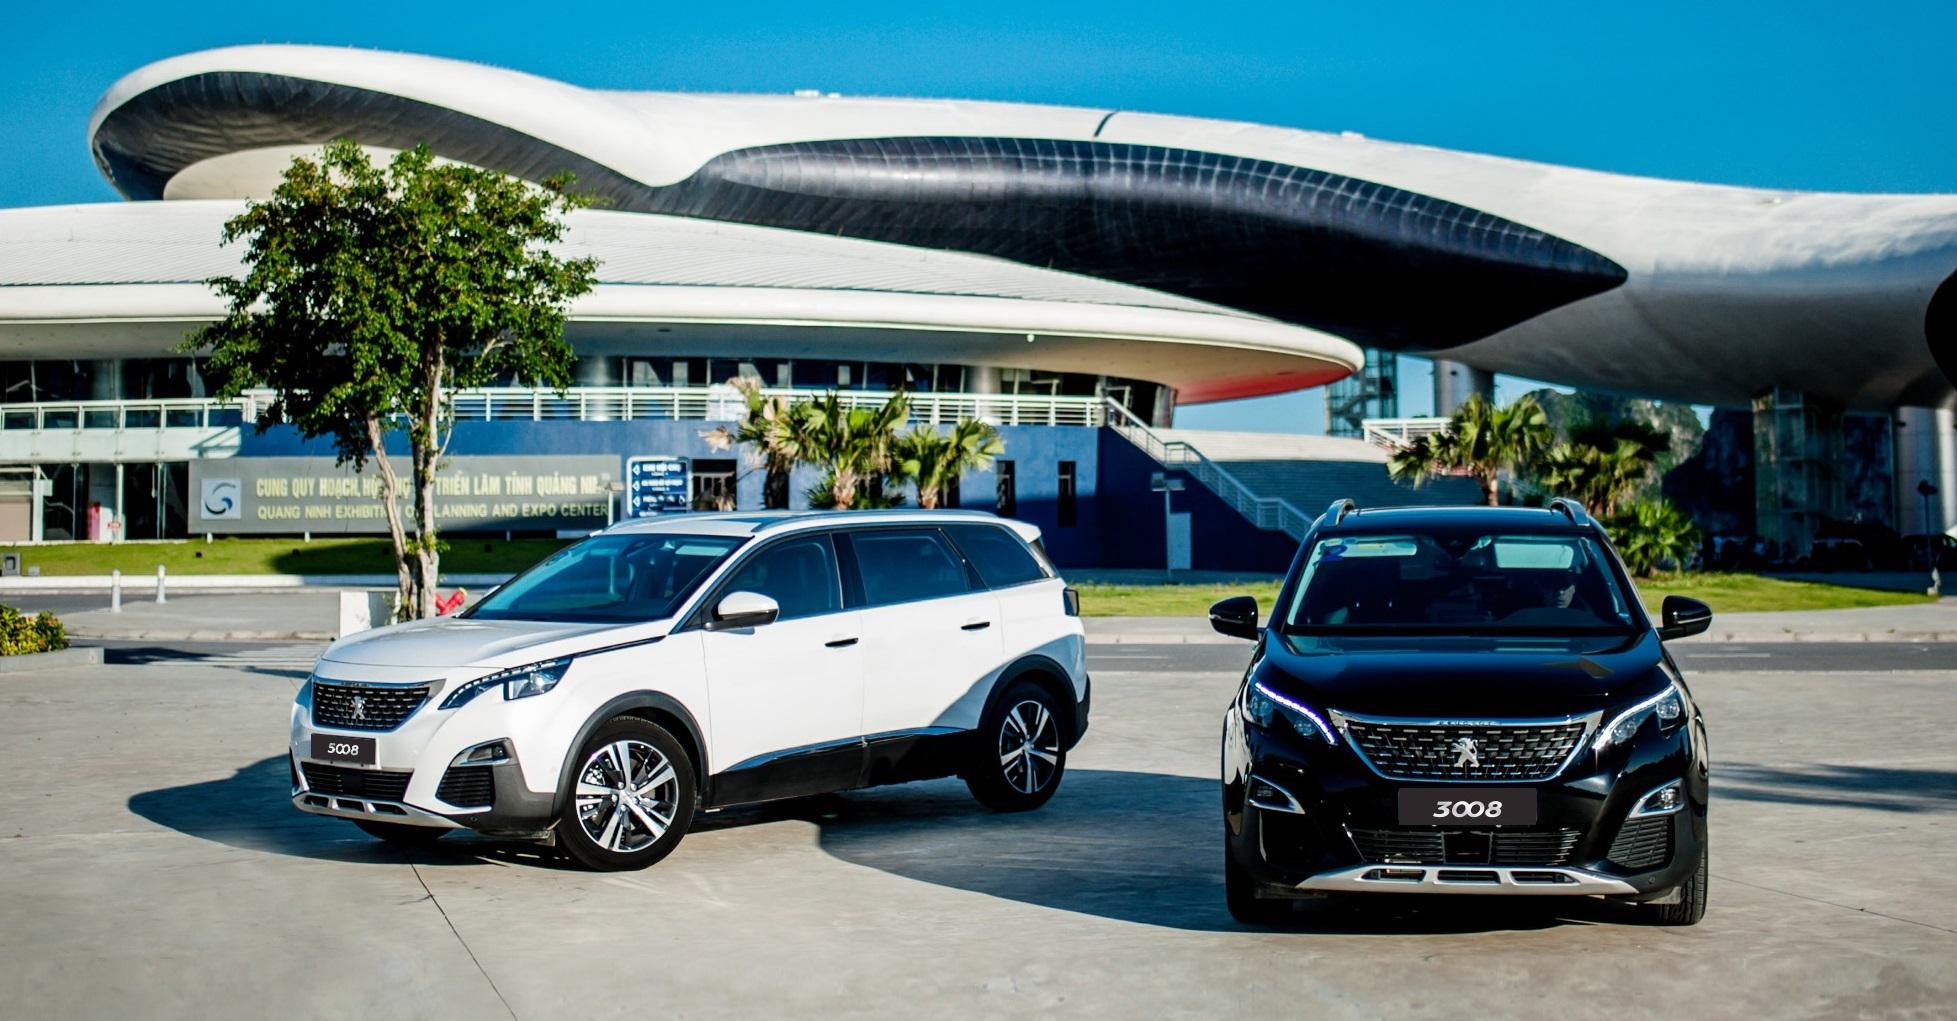 1 7409 1569293770 Những điểm nhấn trên bộ đôi SUV Peugeot 5008 và 3008